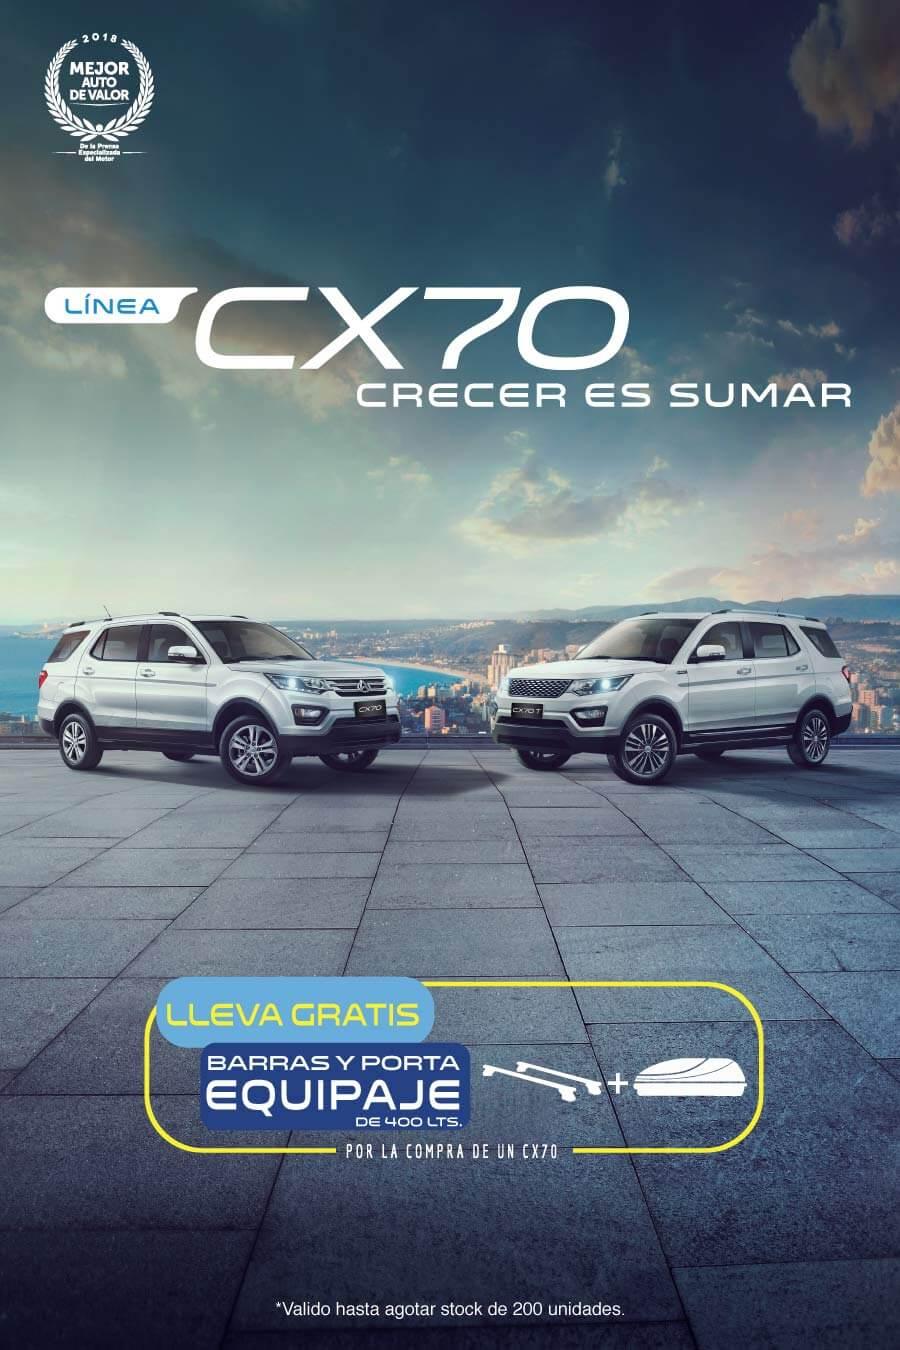 CX70-Mobile-1